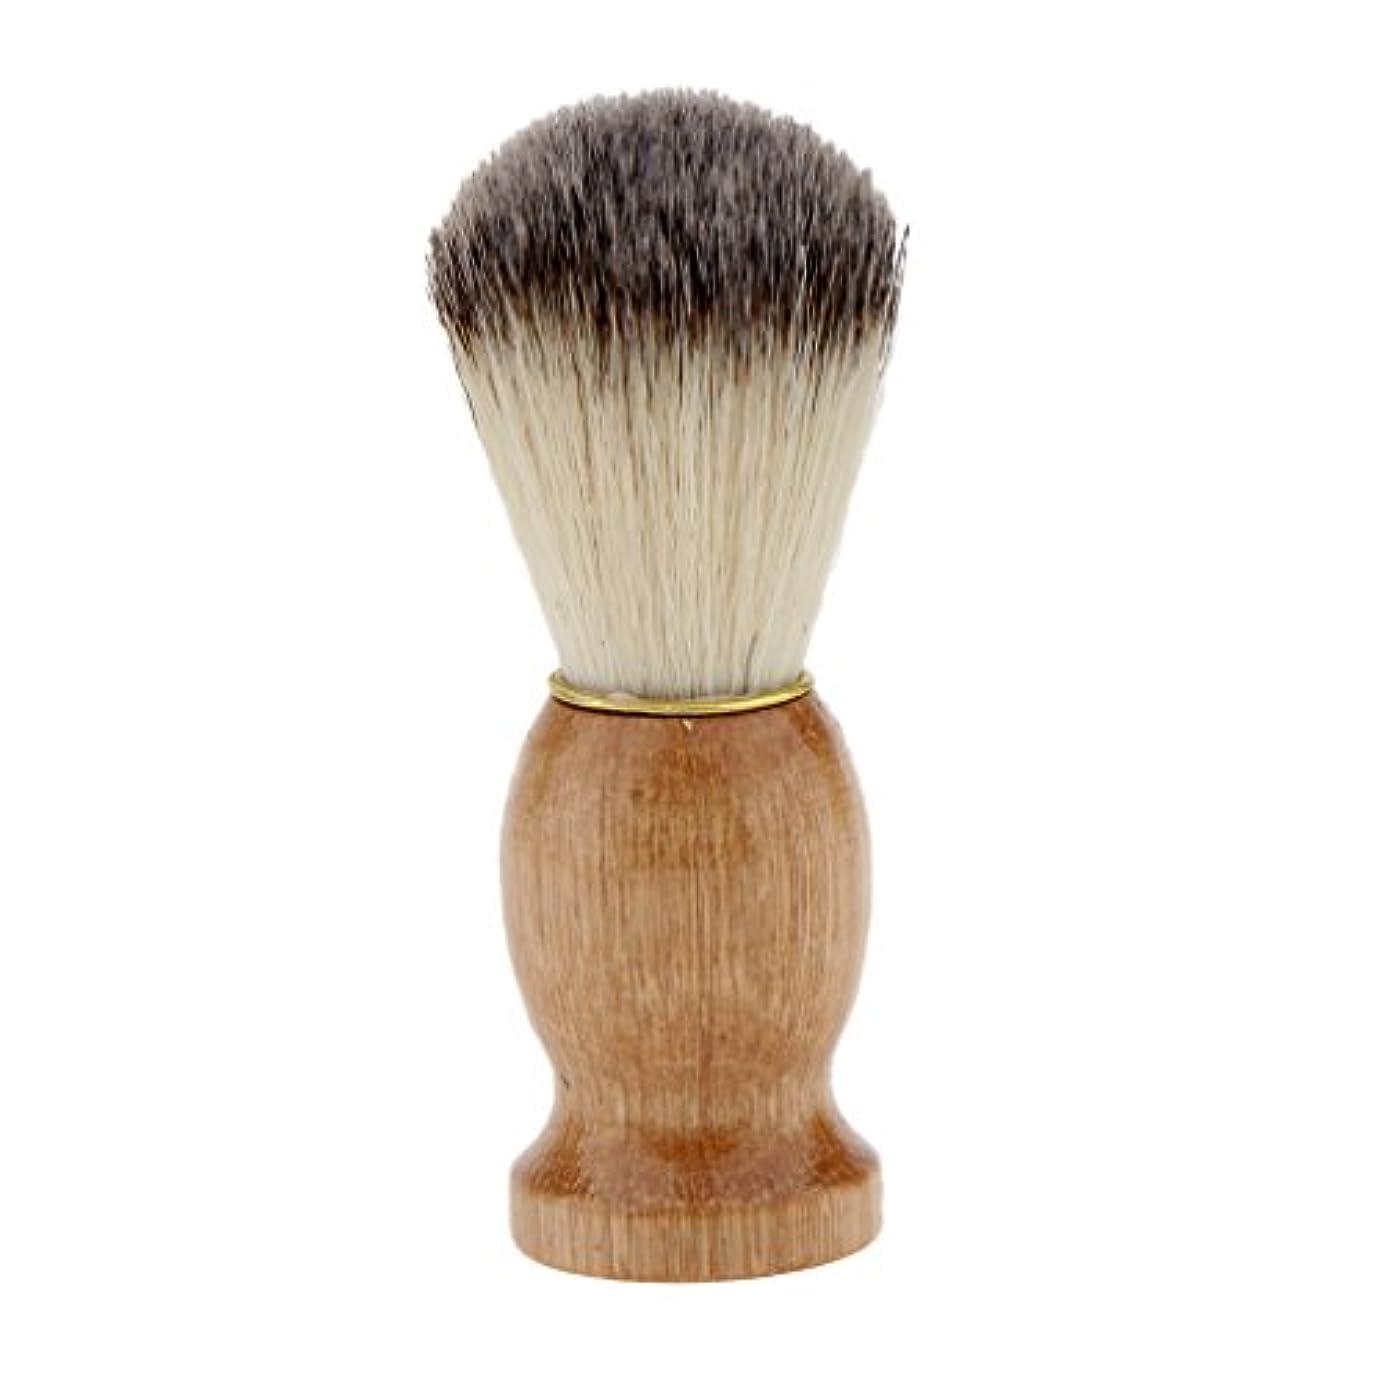 テクトニックプレミアム海峡シェービングブラシ 理容師 シェービングブラシ ひげ剃りブラシ コスメブラシ 木製ハンドル